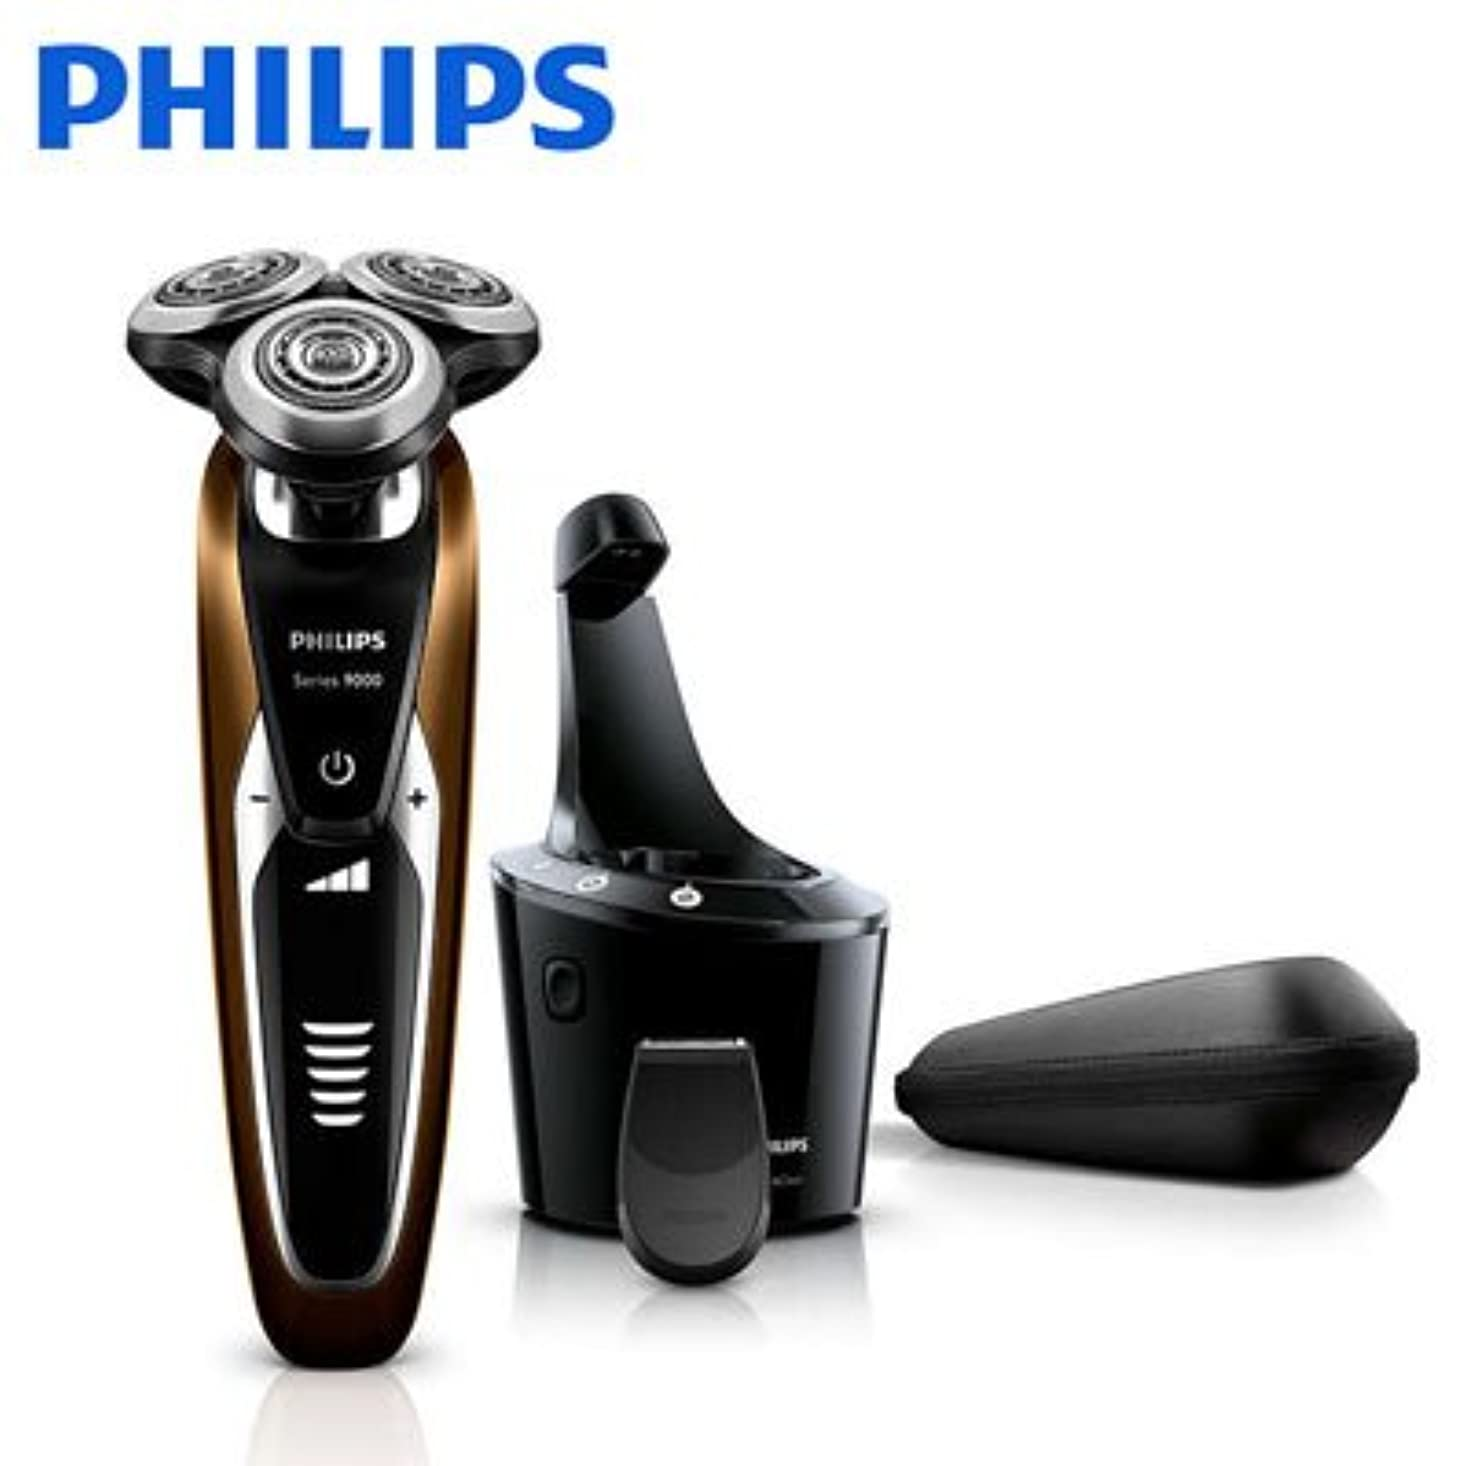 カートリッジ地中海素敵なフィリップス メンズシェーバーPHILIPS 9000シリーズ ウェット&ドライ S9512/26